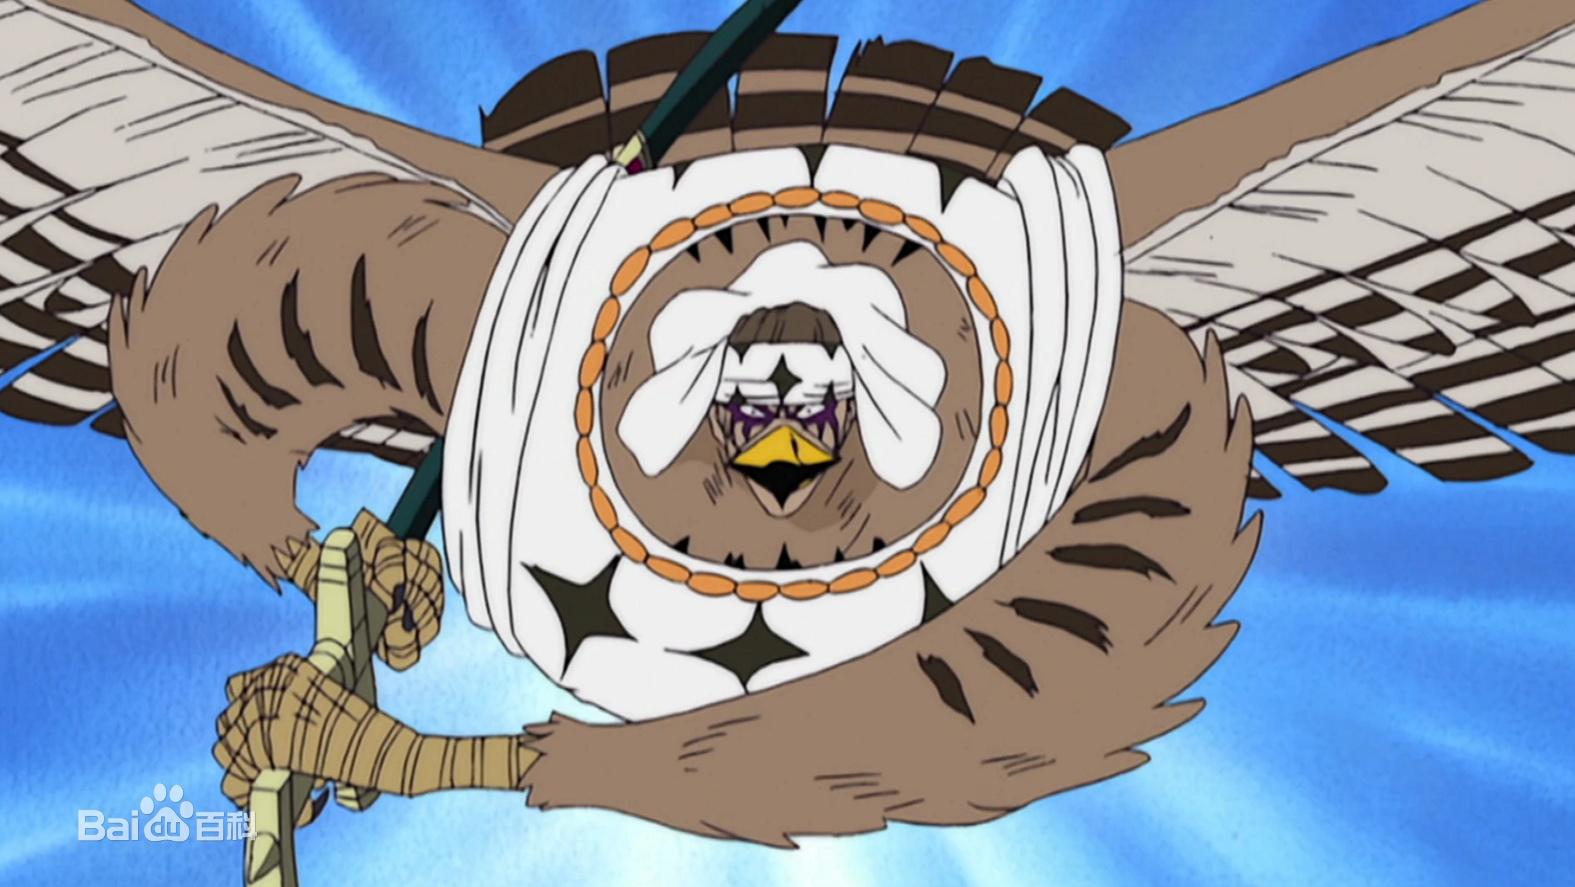 海贼王漫画分析:仅有的五种飞行类动物系果实全部现世